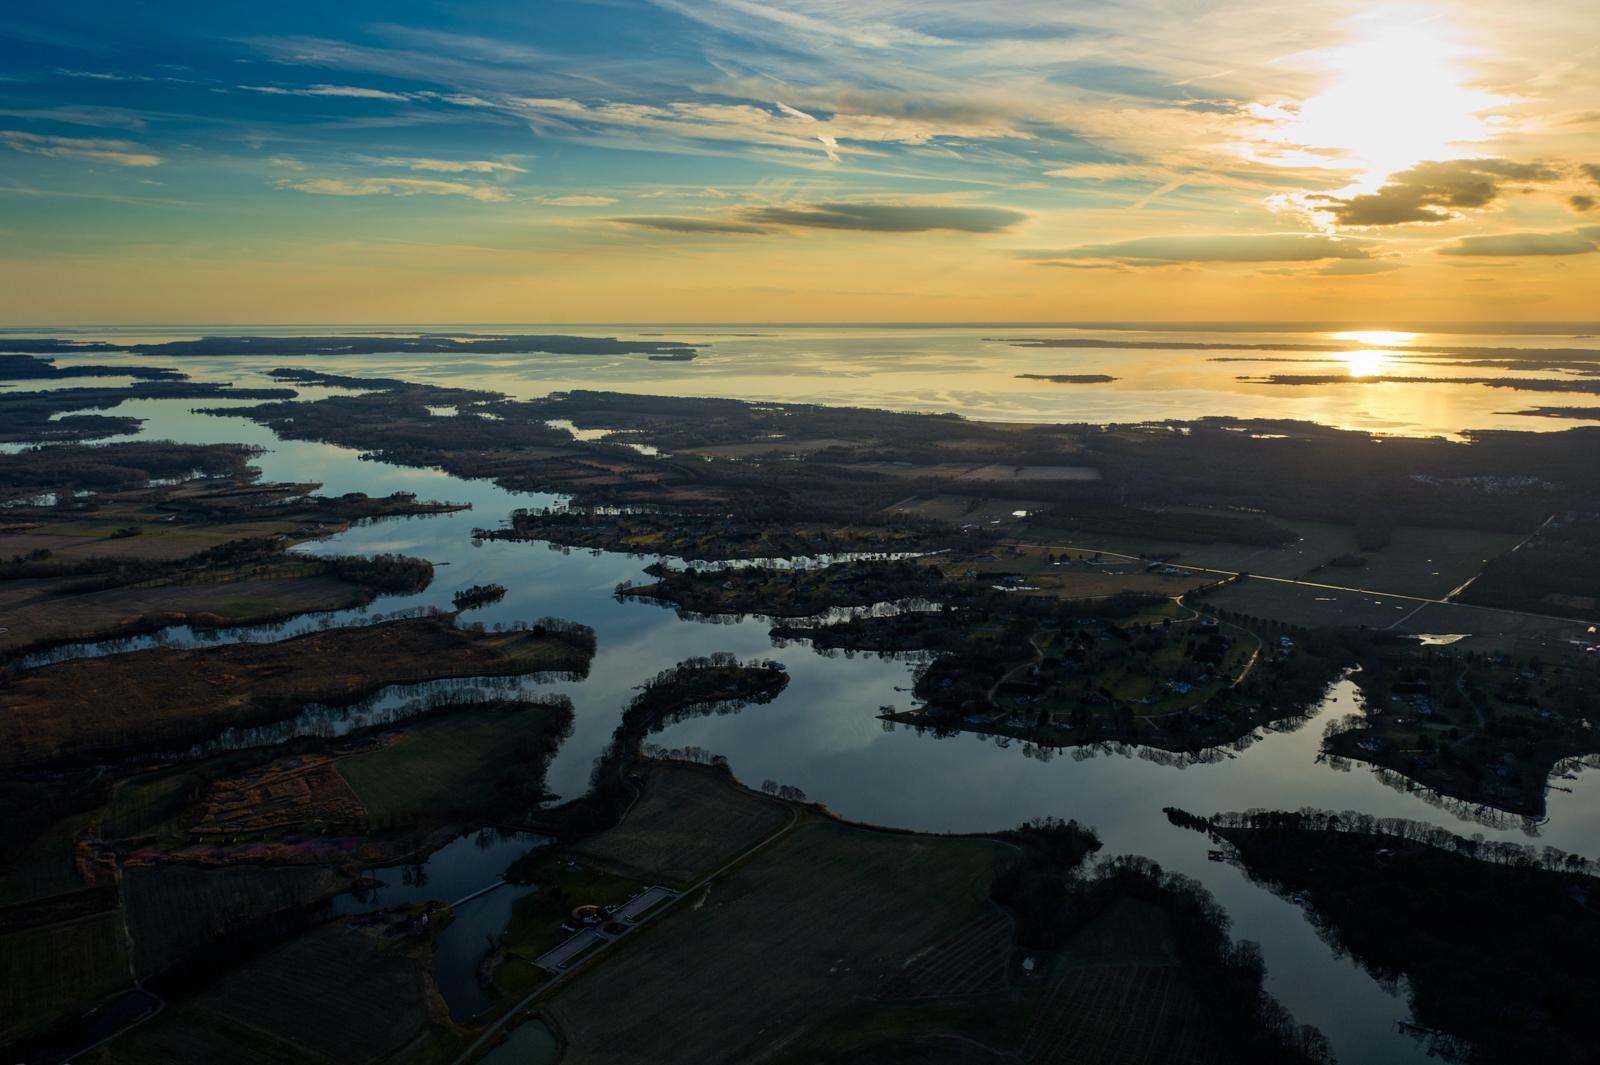 Everyday conversations: The Chesapeake Bay | ShareAmerica